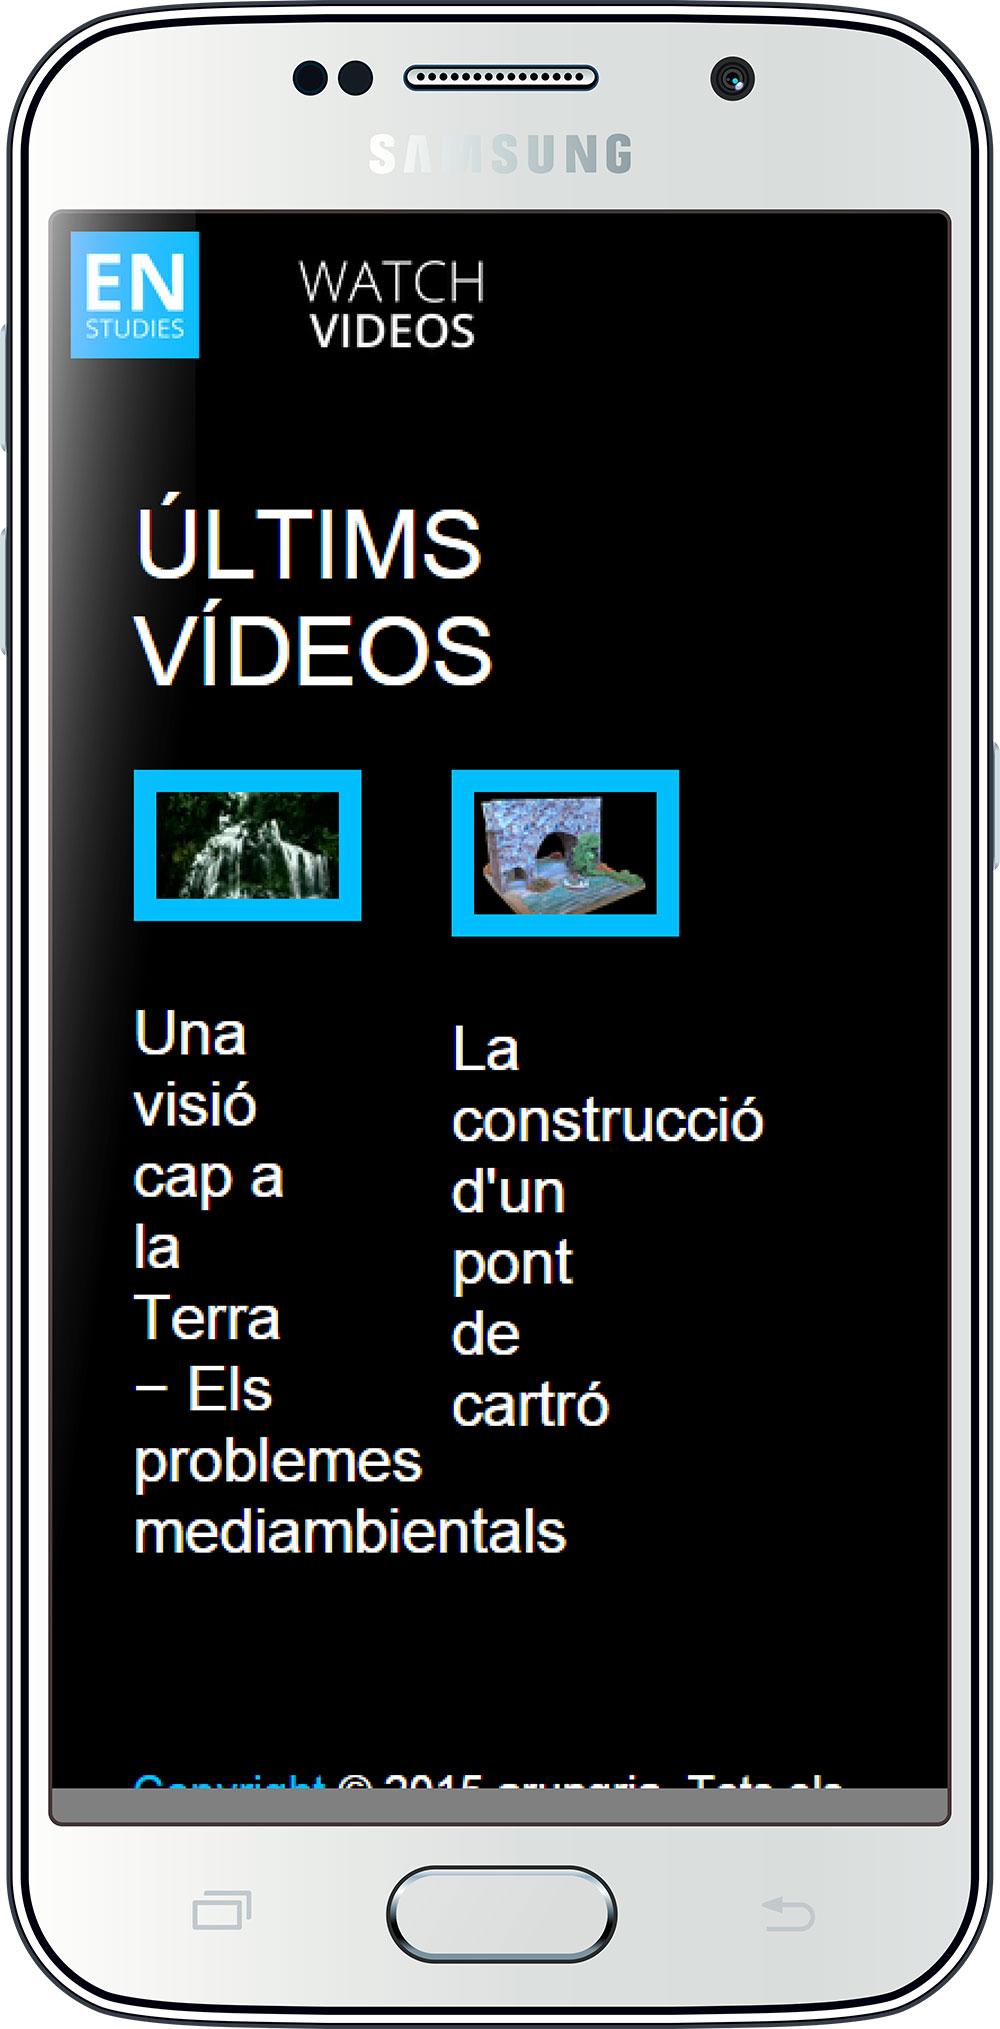 La pàgina dels vídeos vista des del mòbil